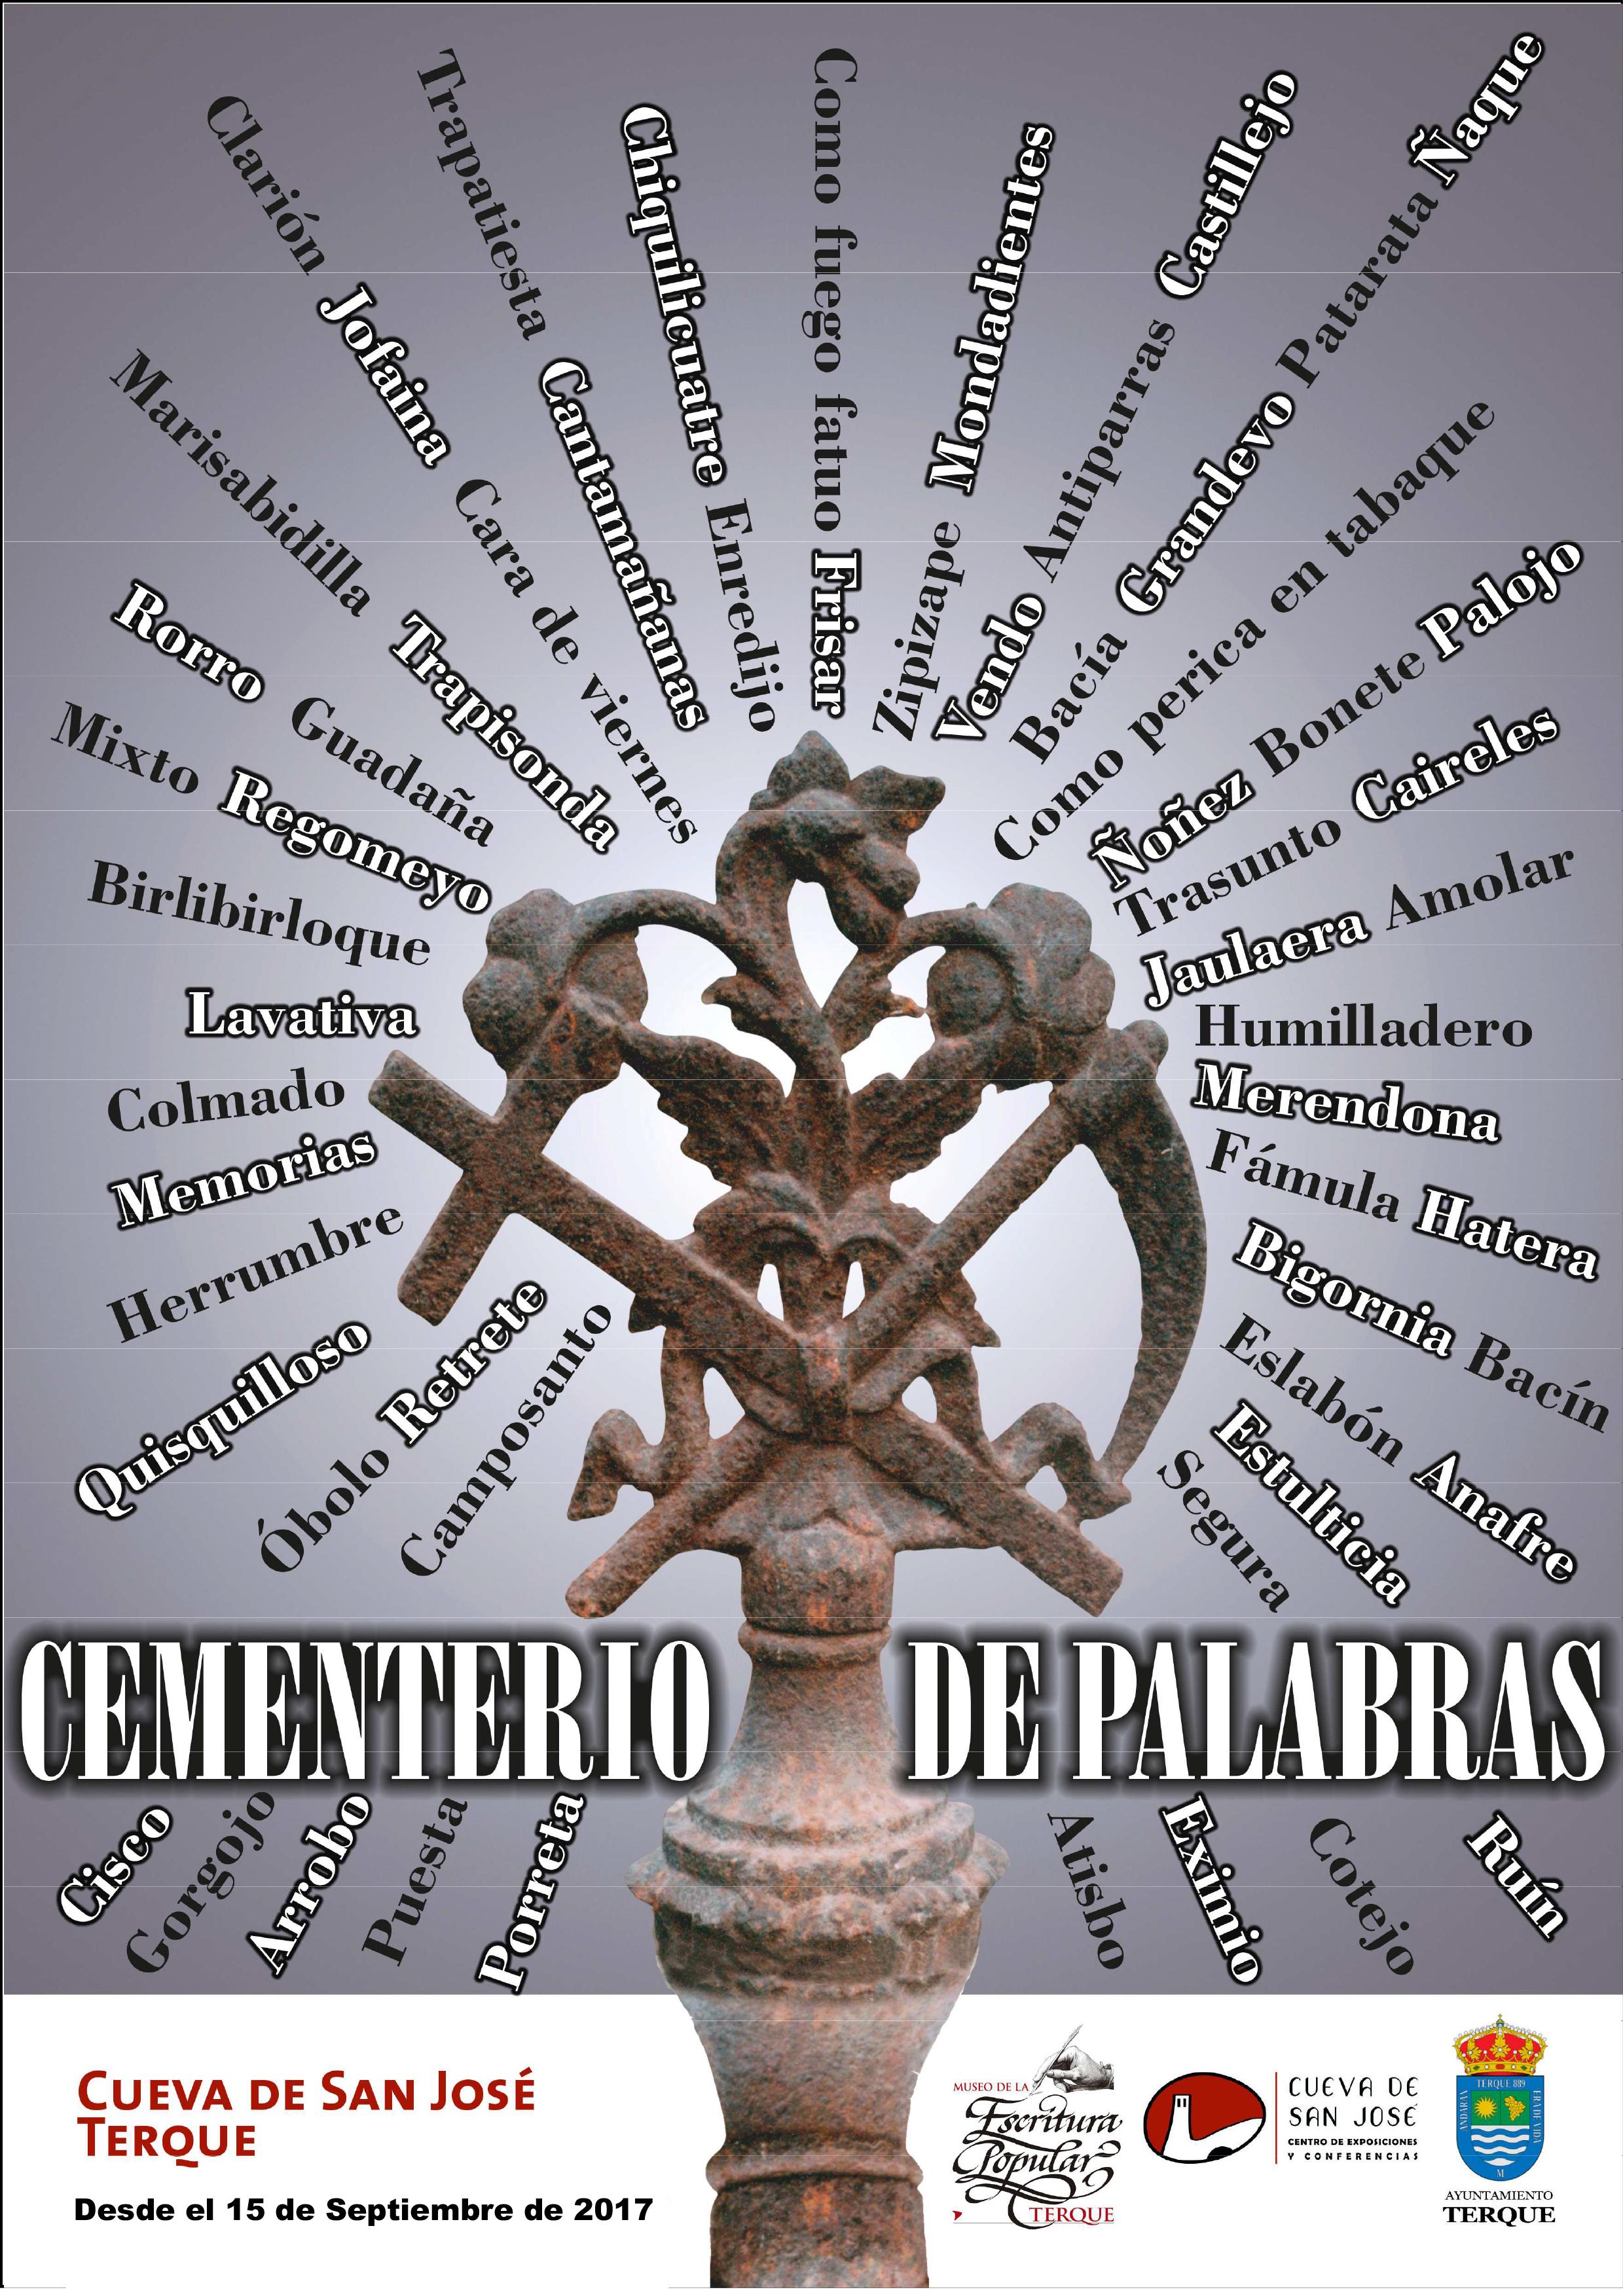 Exposición Temporal - Cementerio de Palabras